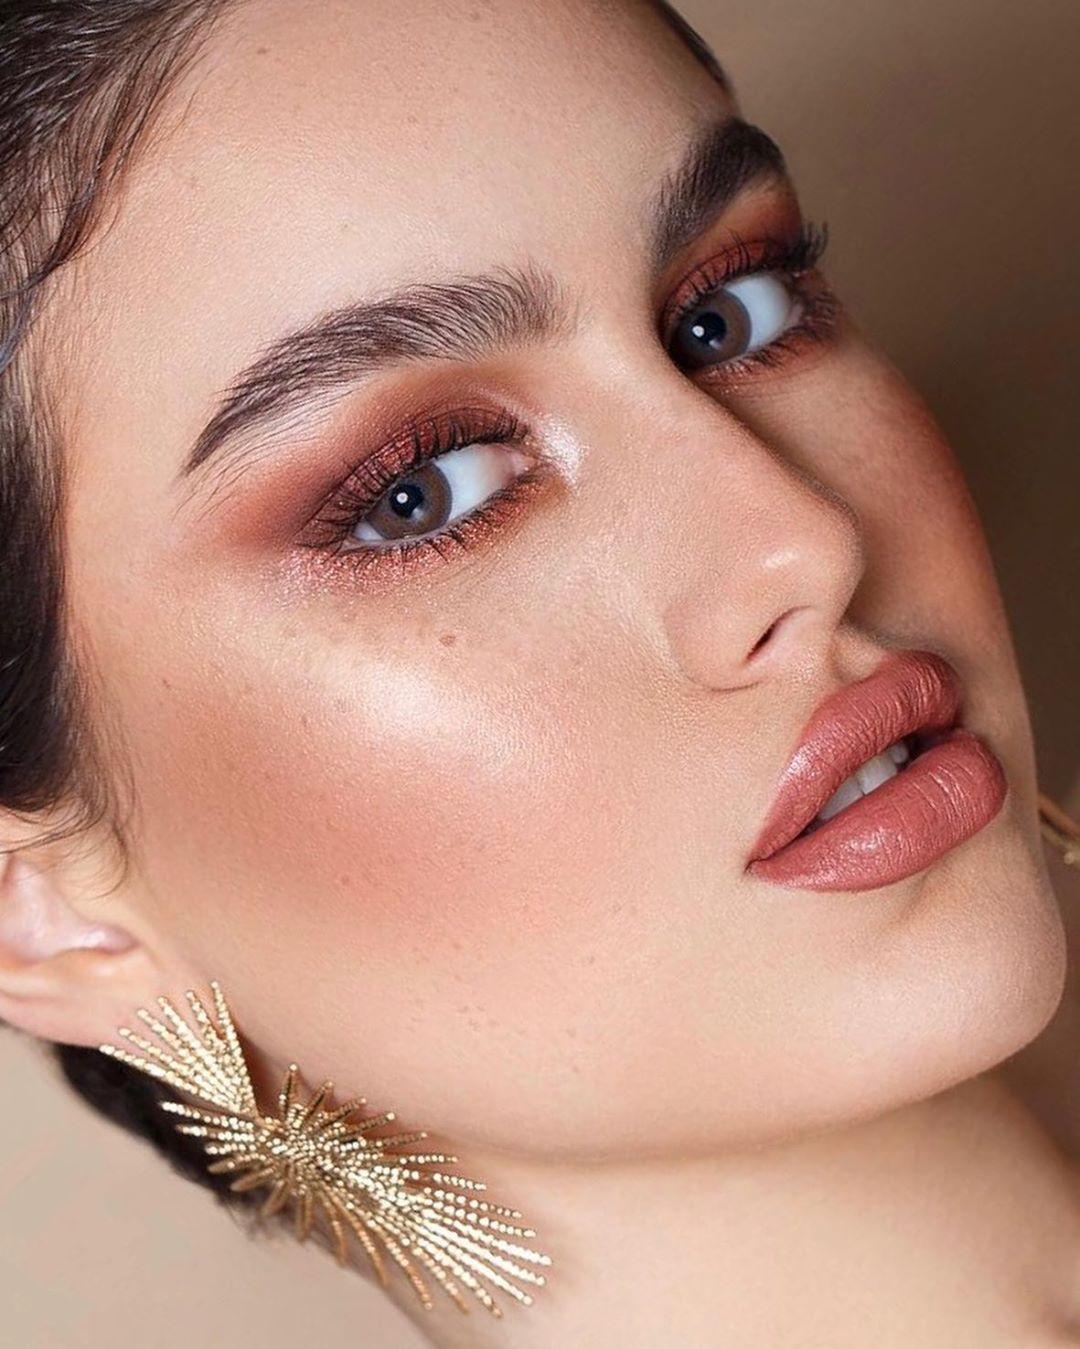 Enas Mansoor Pro Mua N Ksa On Instagram احبكم وحدة وحدة مرة تحمسوا اني انزل لوكات جديدة و افكار جديدة ممتنة لكم Nose Ring Septum Ring Makeup